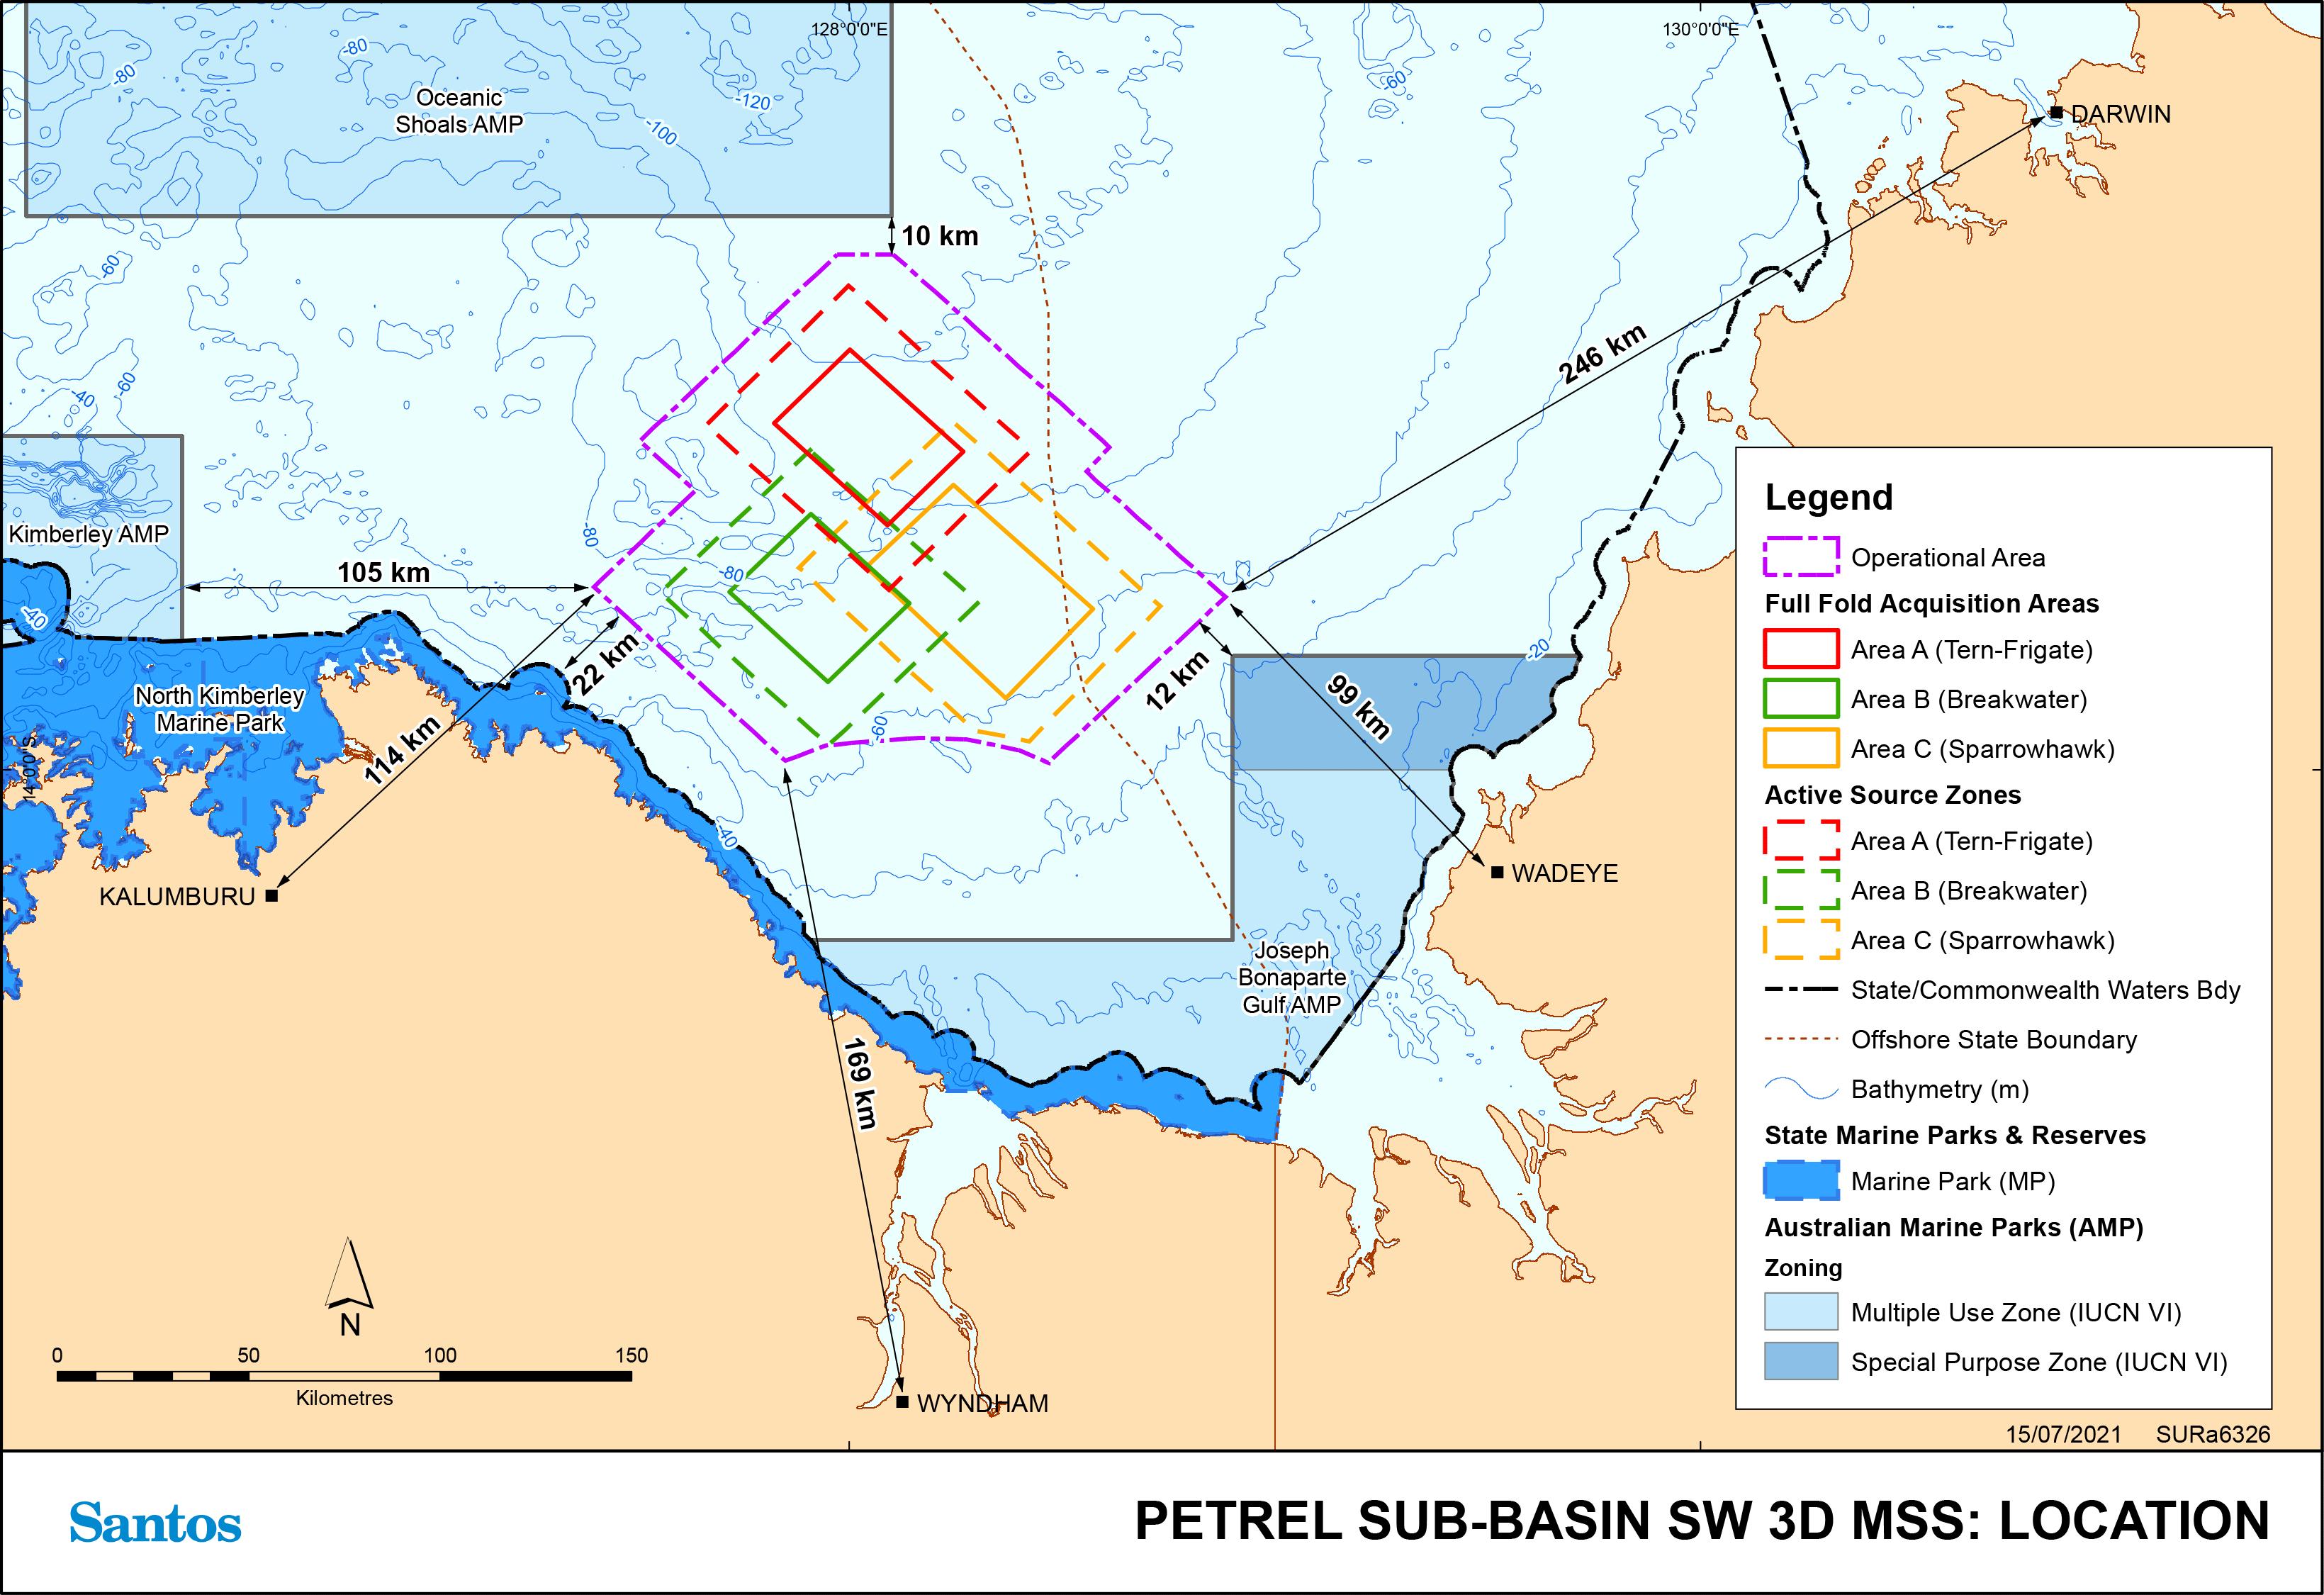 Location map - Activity: Petrel Sub-Basin South-West 3D Marine Seismic Survey (refer to description)